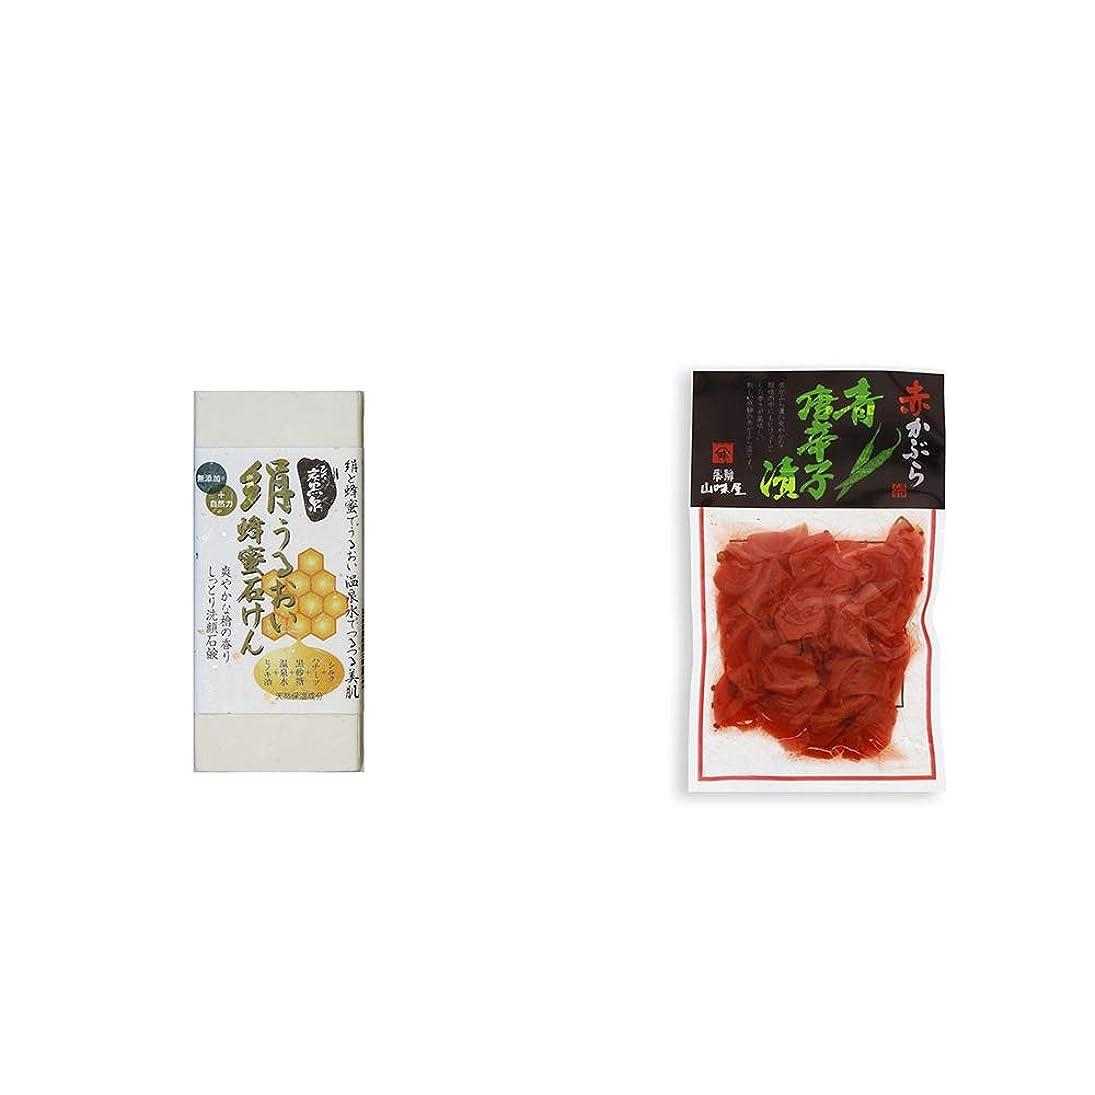 落ち着いた作るジョージハンブリー[2点セット] ひのき炭黒泉 絹うるおい蜂蜜石けん(75g×2)?飛騨山味屋 赤かぶら 青唐辛子漬(140g)